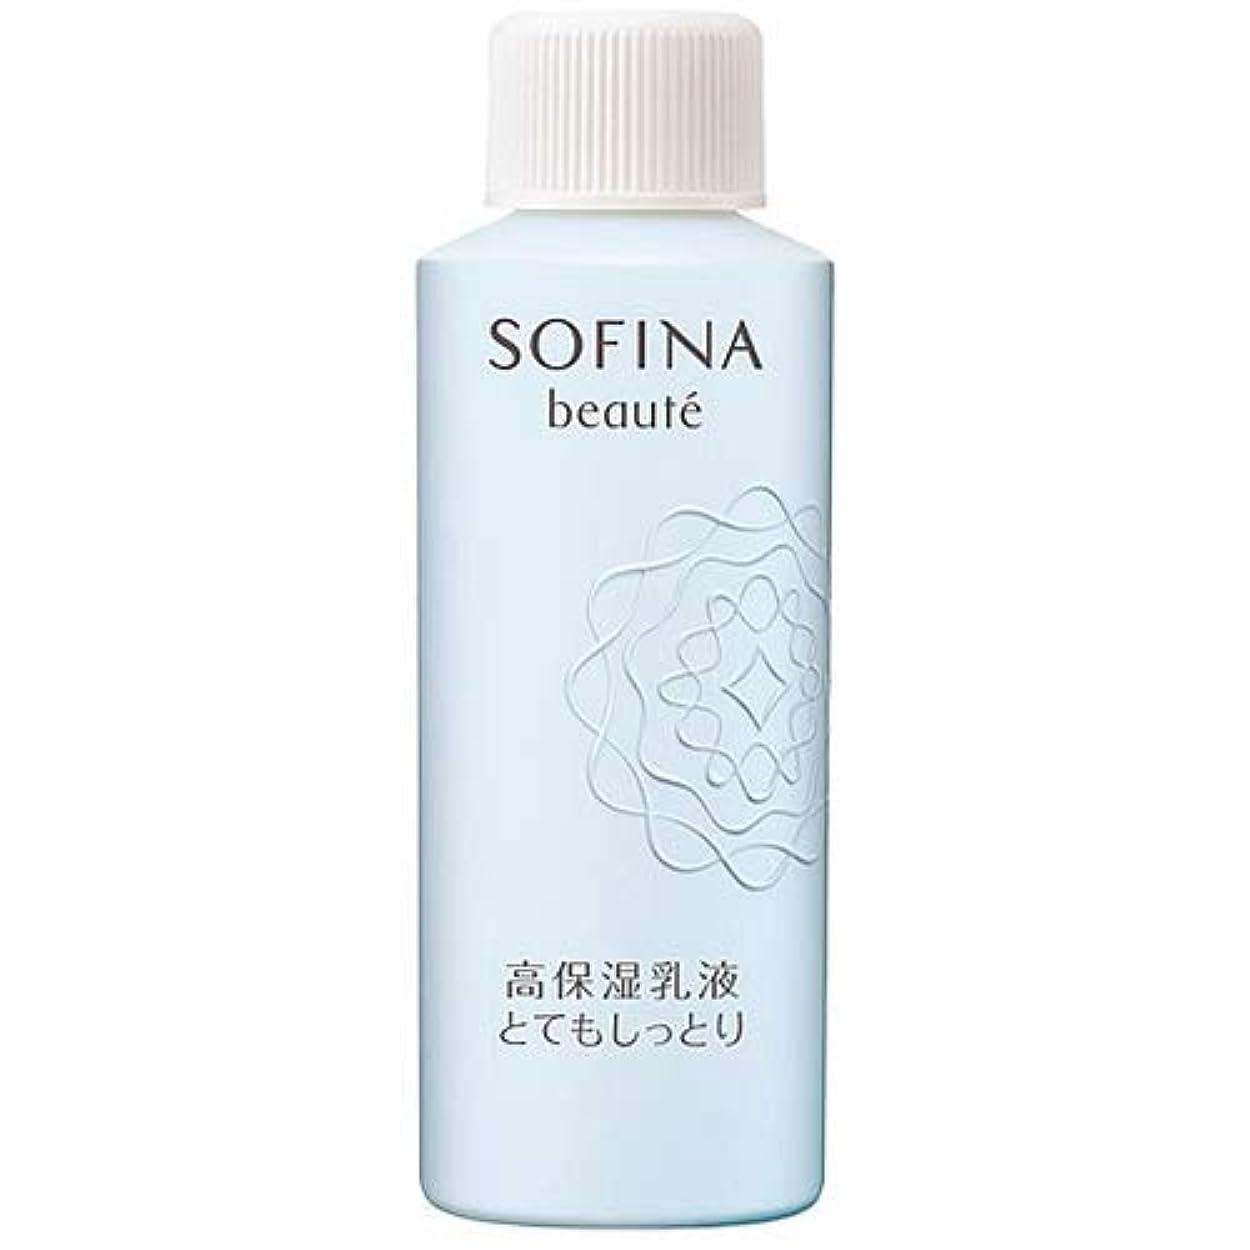 ソフィーナ ボーテ 高保湿乳液 とてもしっとり つけかえ用レフィル 60g [並行輸入品]